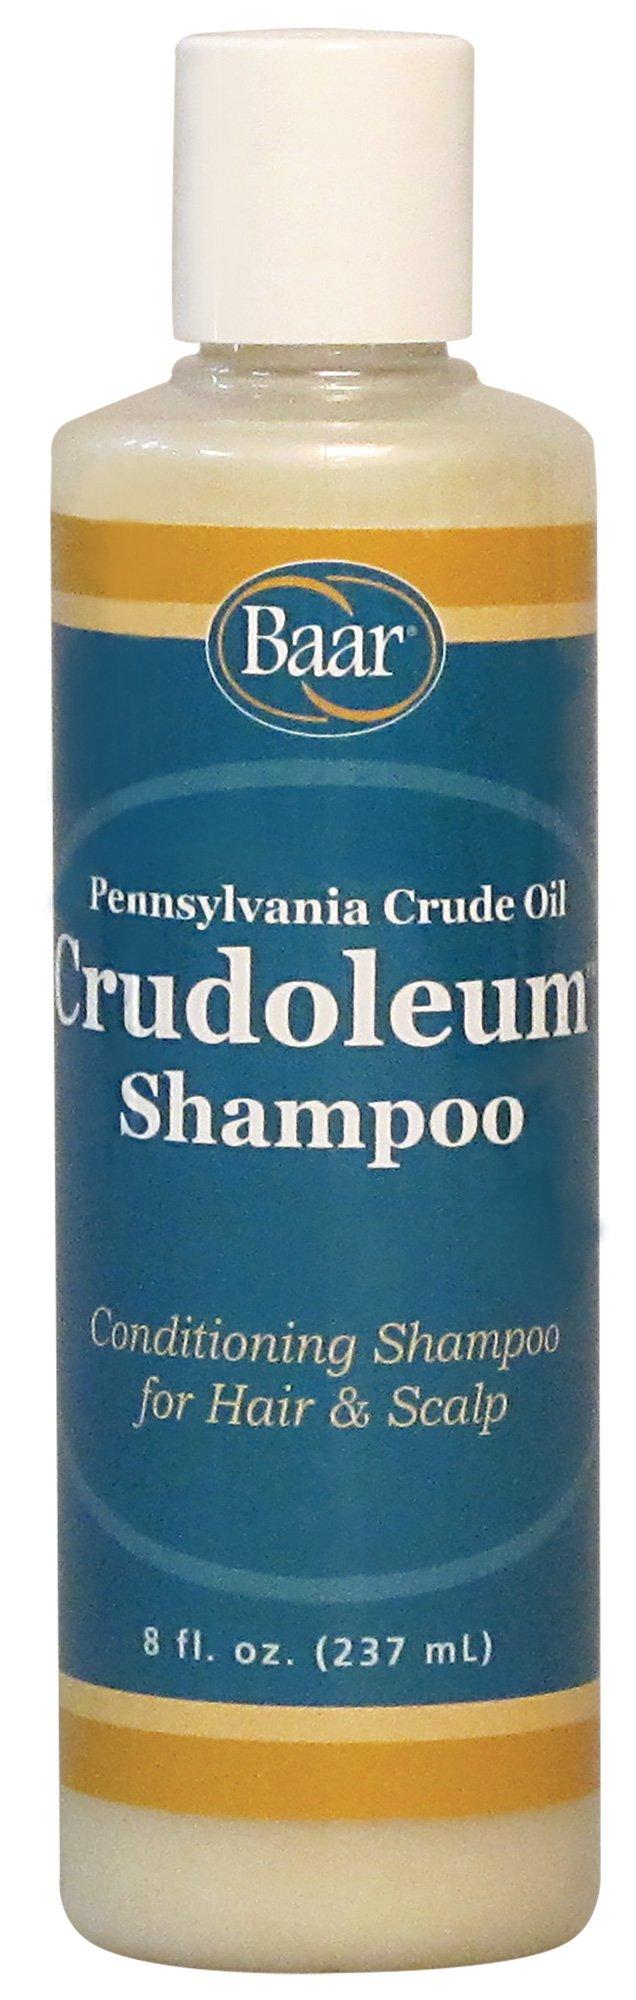 Crudoleum Shampoo, 3-in-1 Pennsylvania Crude Oil Shampoo, 8 Oz. by Baar